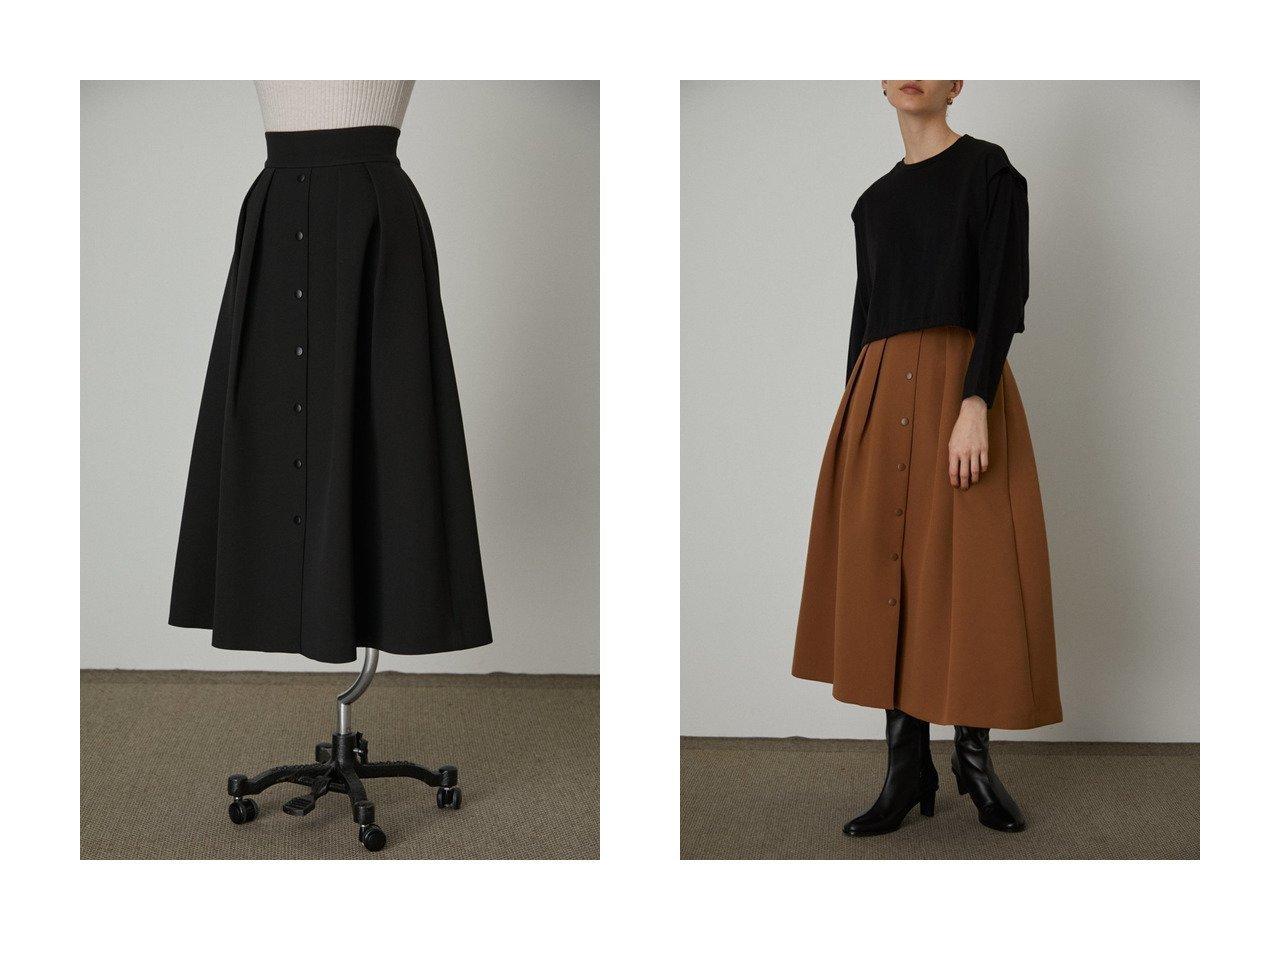 【RIM.ARK/リムアーク】のスカート スカートのおすすめ!人気、トレンド・レディースファッションの通販 おすすめで人気の流行・トレンド、ファッションの通販商品 メンズファッション・キッズファッション・インテリア・家具・レディースファッション・服の通販 founy(ファニー) https://founy.com/ ファッション Fashion レディースファッション WOMEN スカート Skirt ロングスカート Long Skirt 2021年 2021 2021 春夏 S/S SS Spring/Summer 2021 S/S 春夏 SS Spring/Summer ドット フロント ロング 春 Spring |ID:crp329100000014438